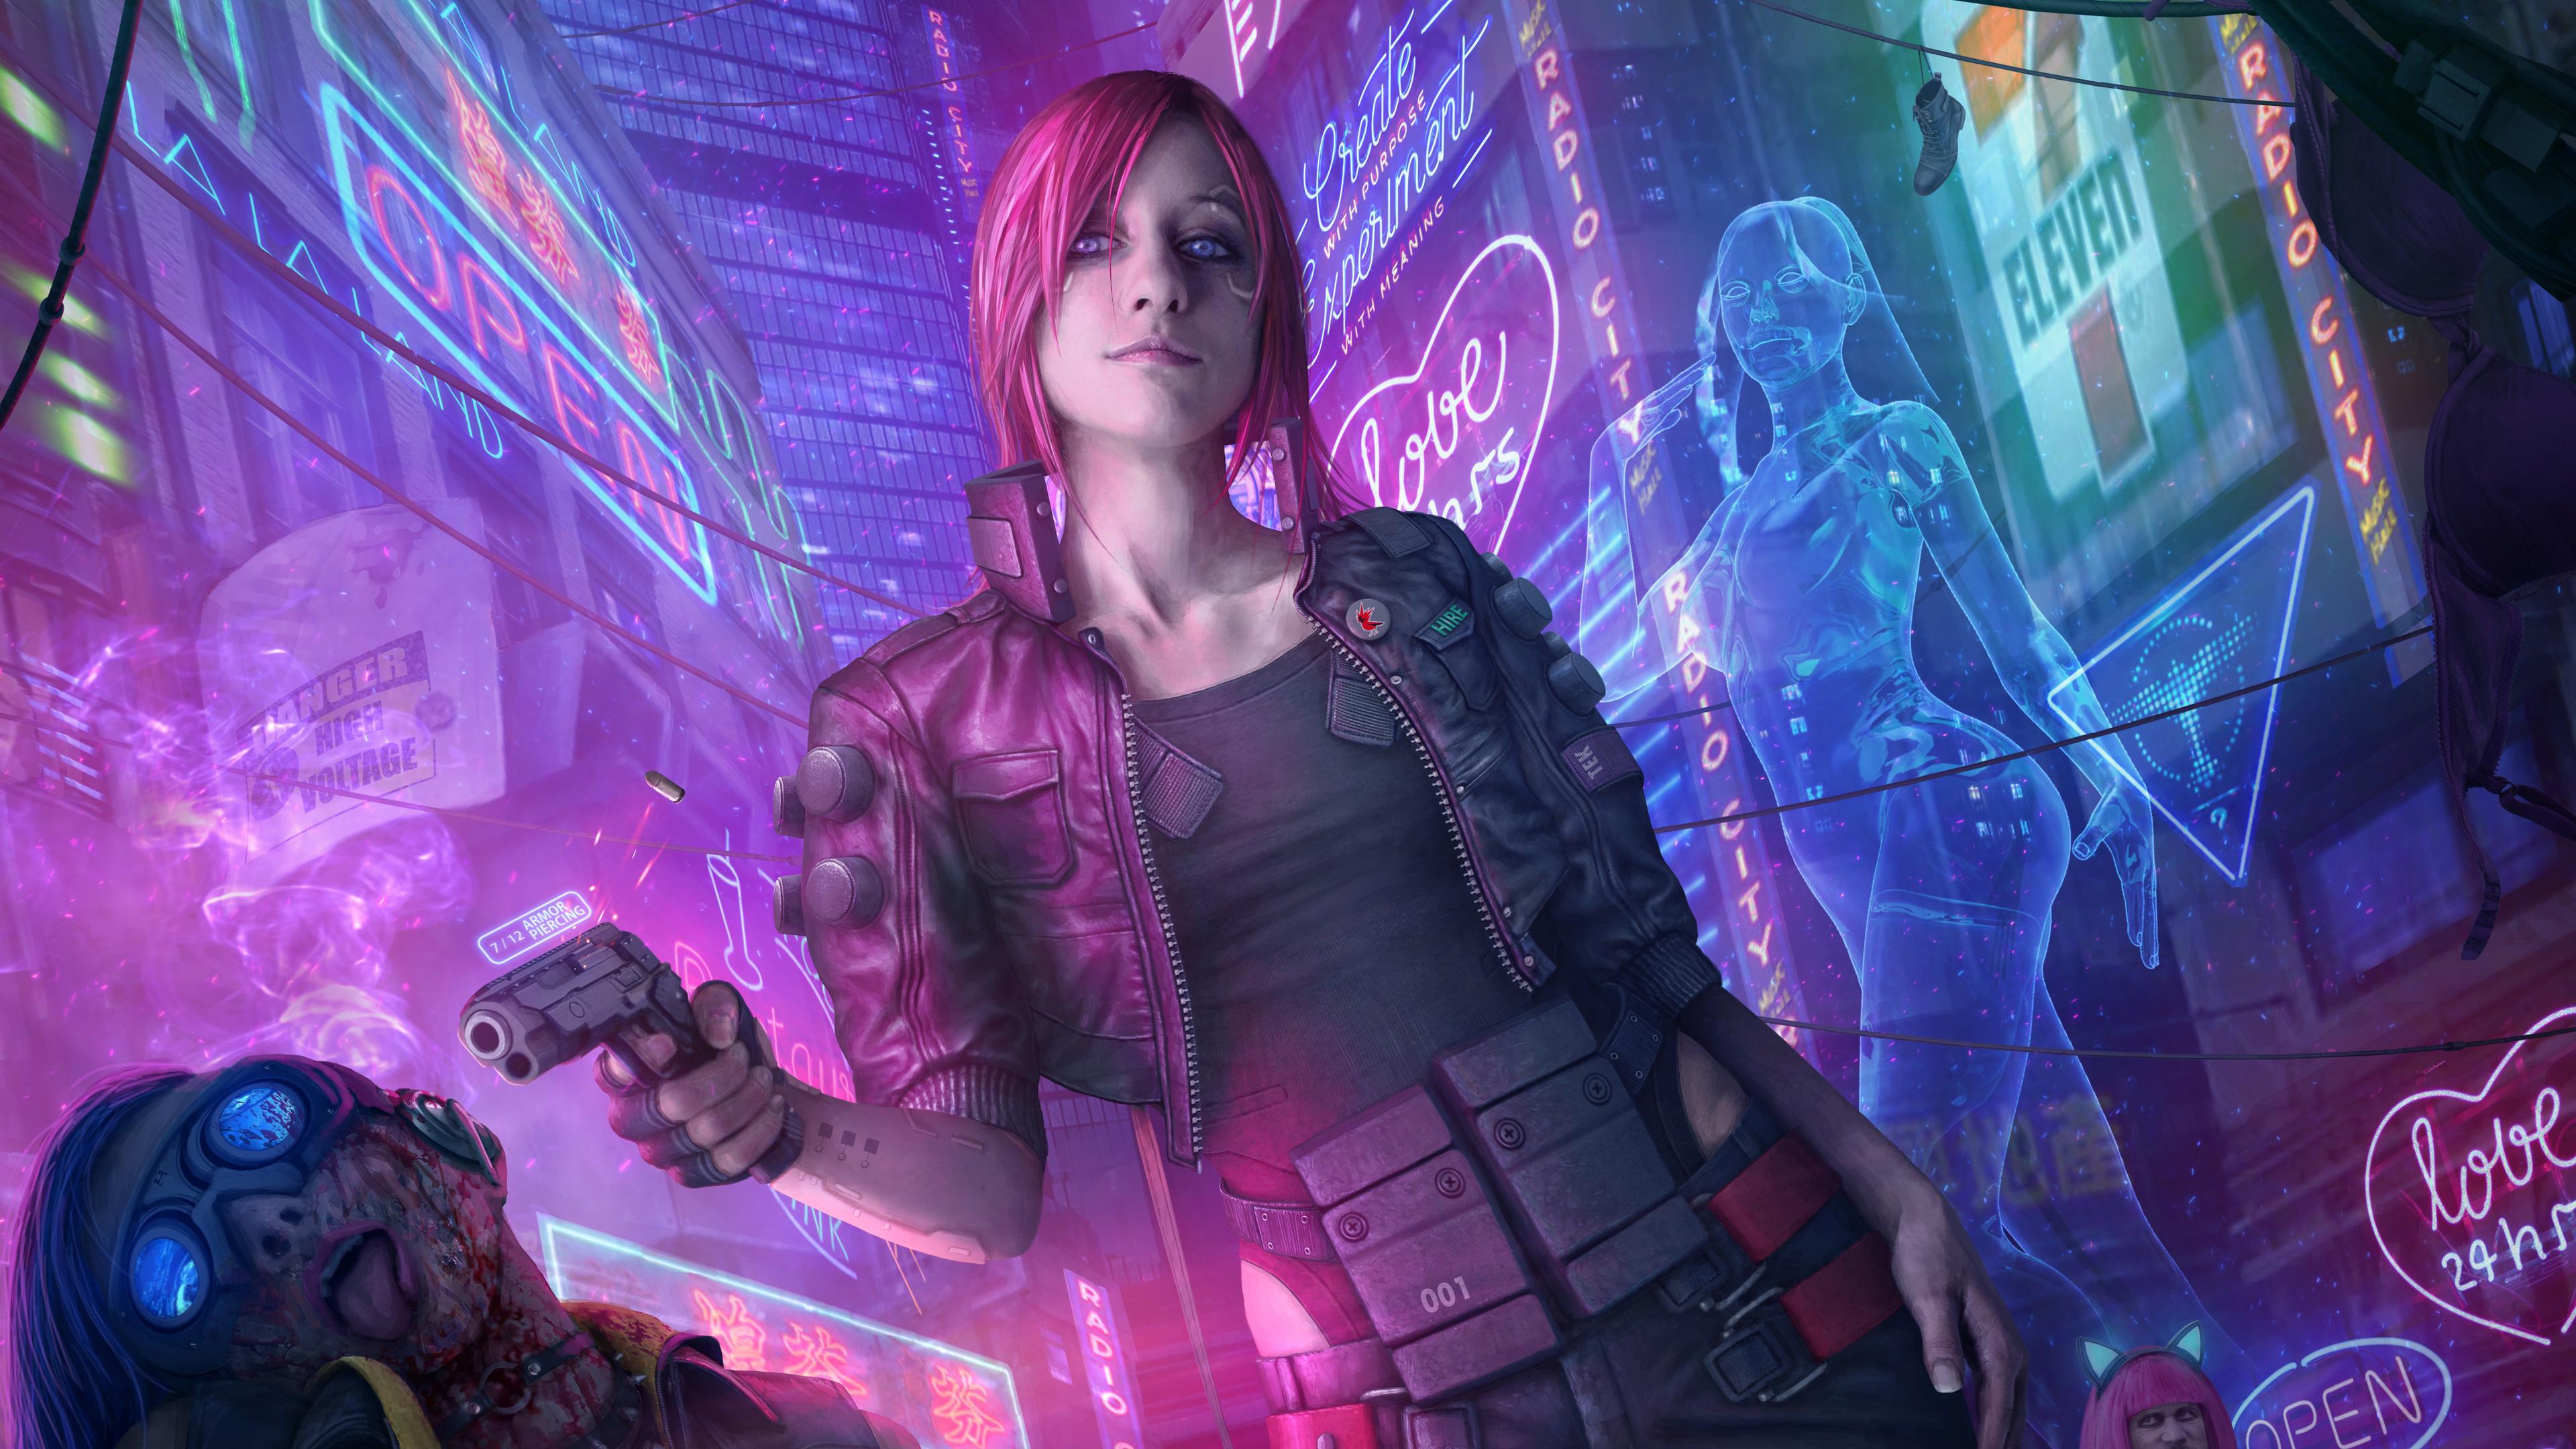 Cyberpunk 2077 fanart 4k xbox games wallpapers scifi wallpapers ps games wallpapers pc games - Cyberpunk 2077 wallpaper 4k ...